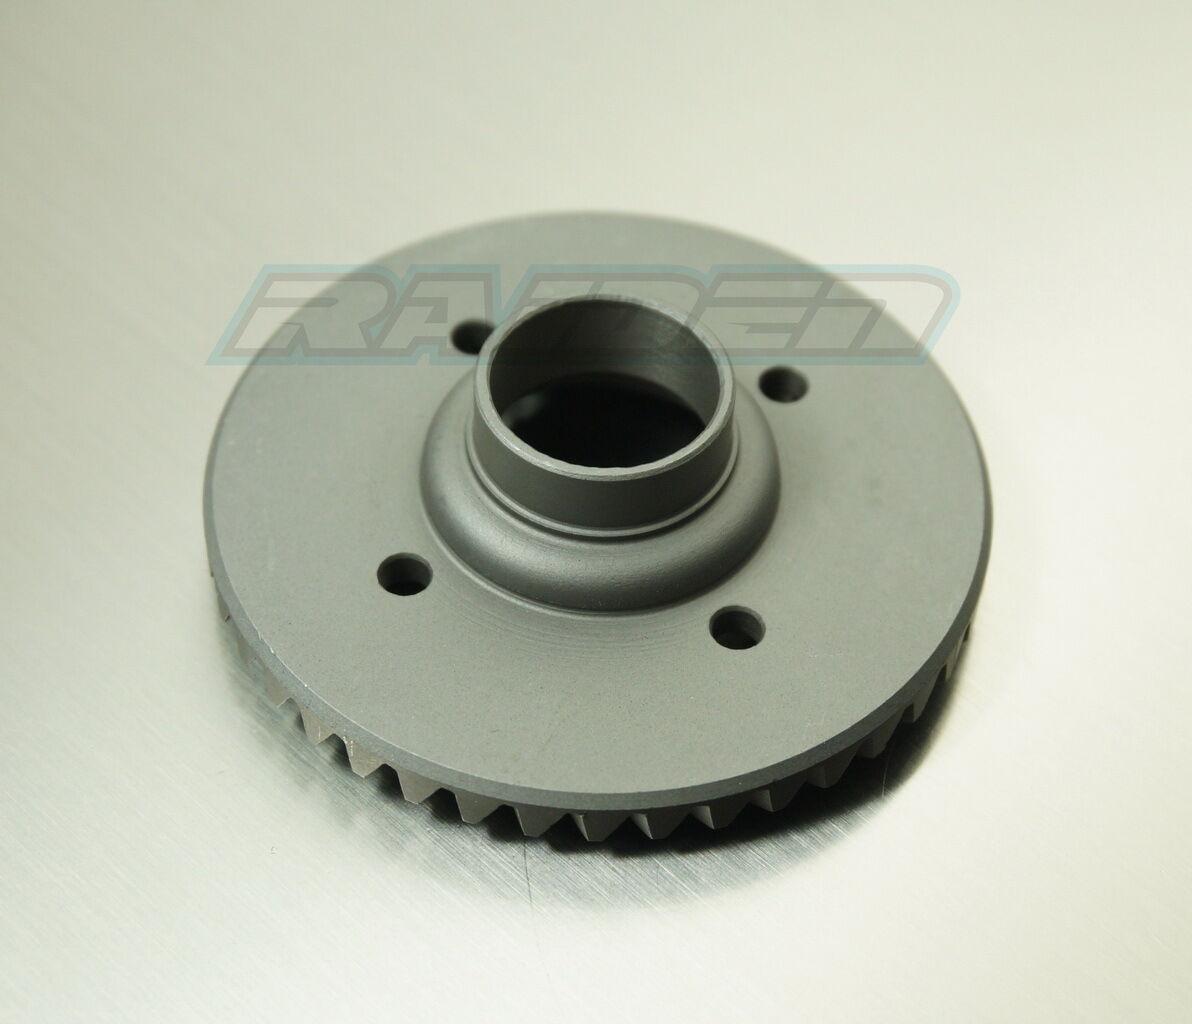 Traxxas 6S X-Maxx X-Maxx X-Maxx davanti Steel Spiral Cut Differential Diff Ring Pinion Gear e46cc8